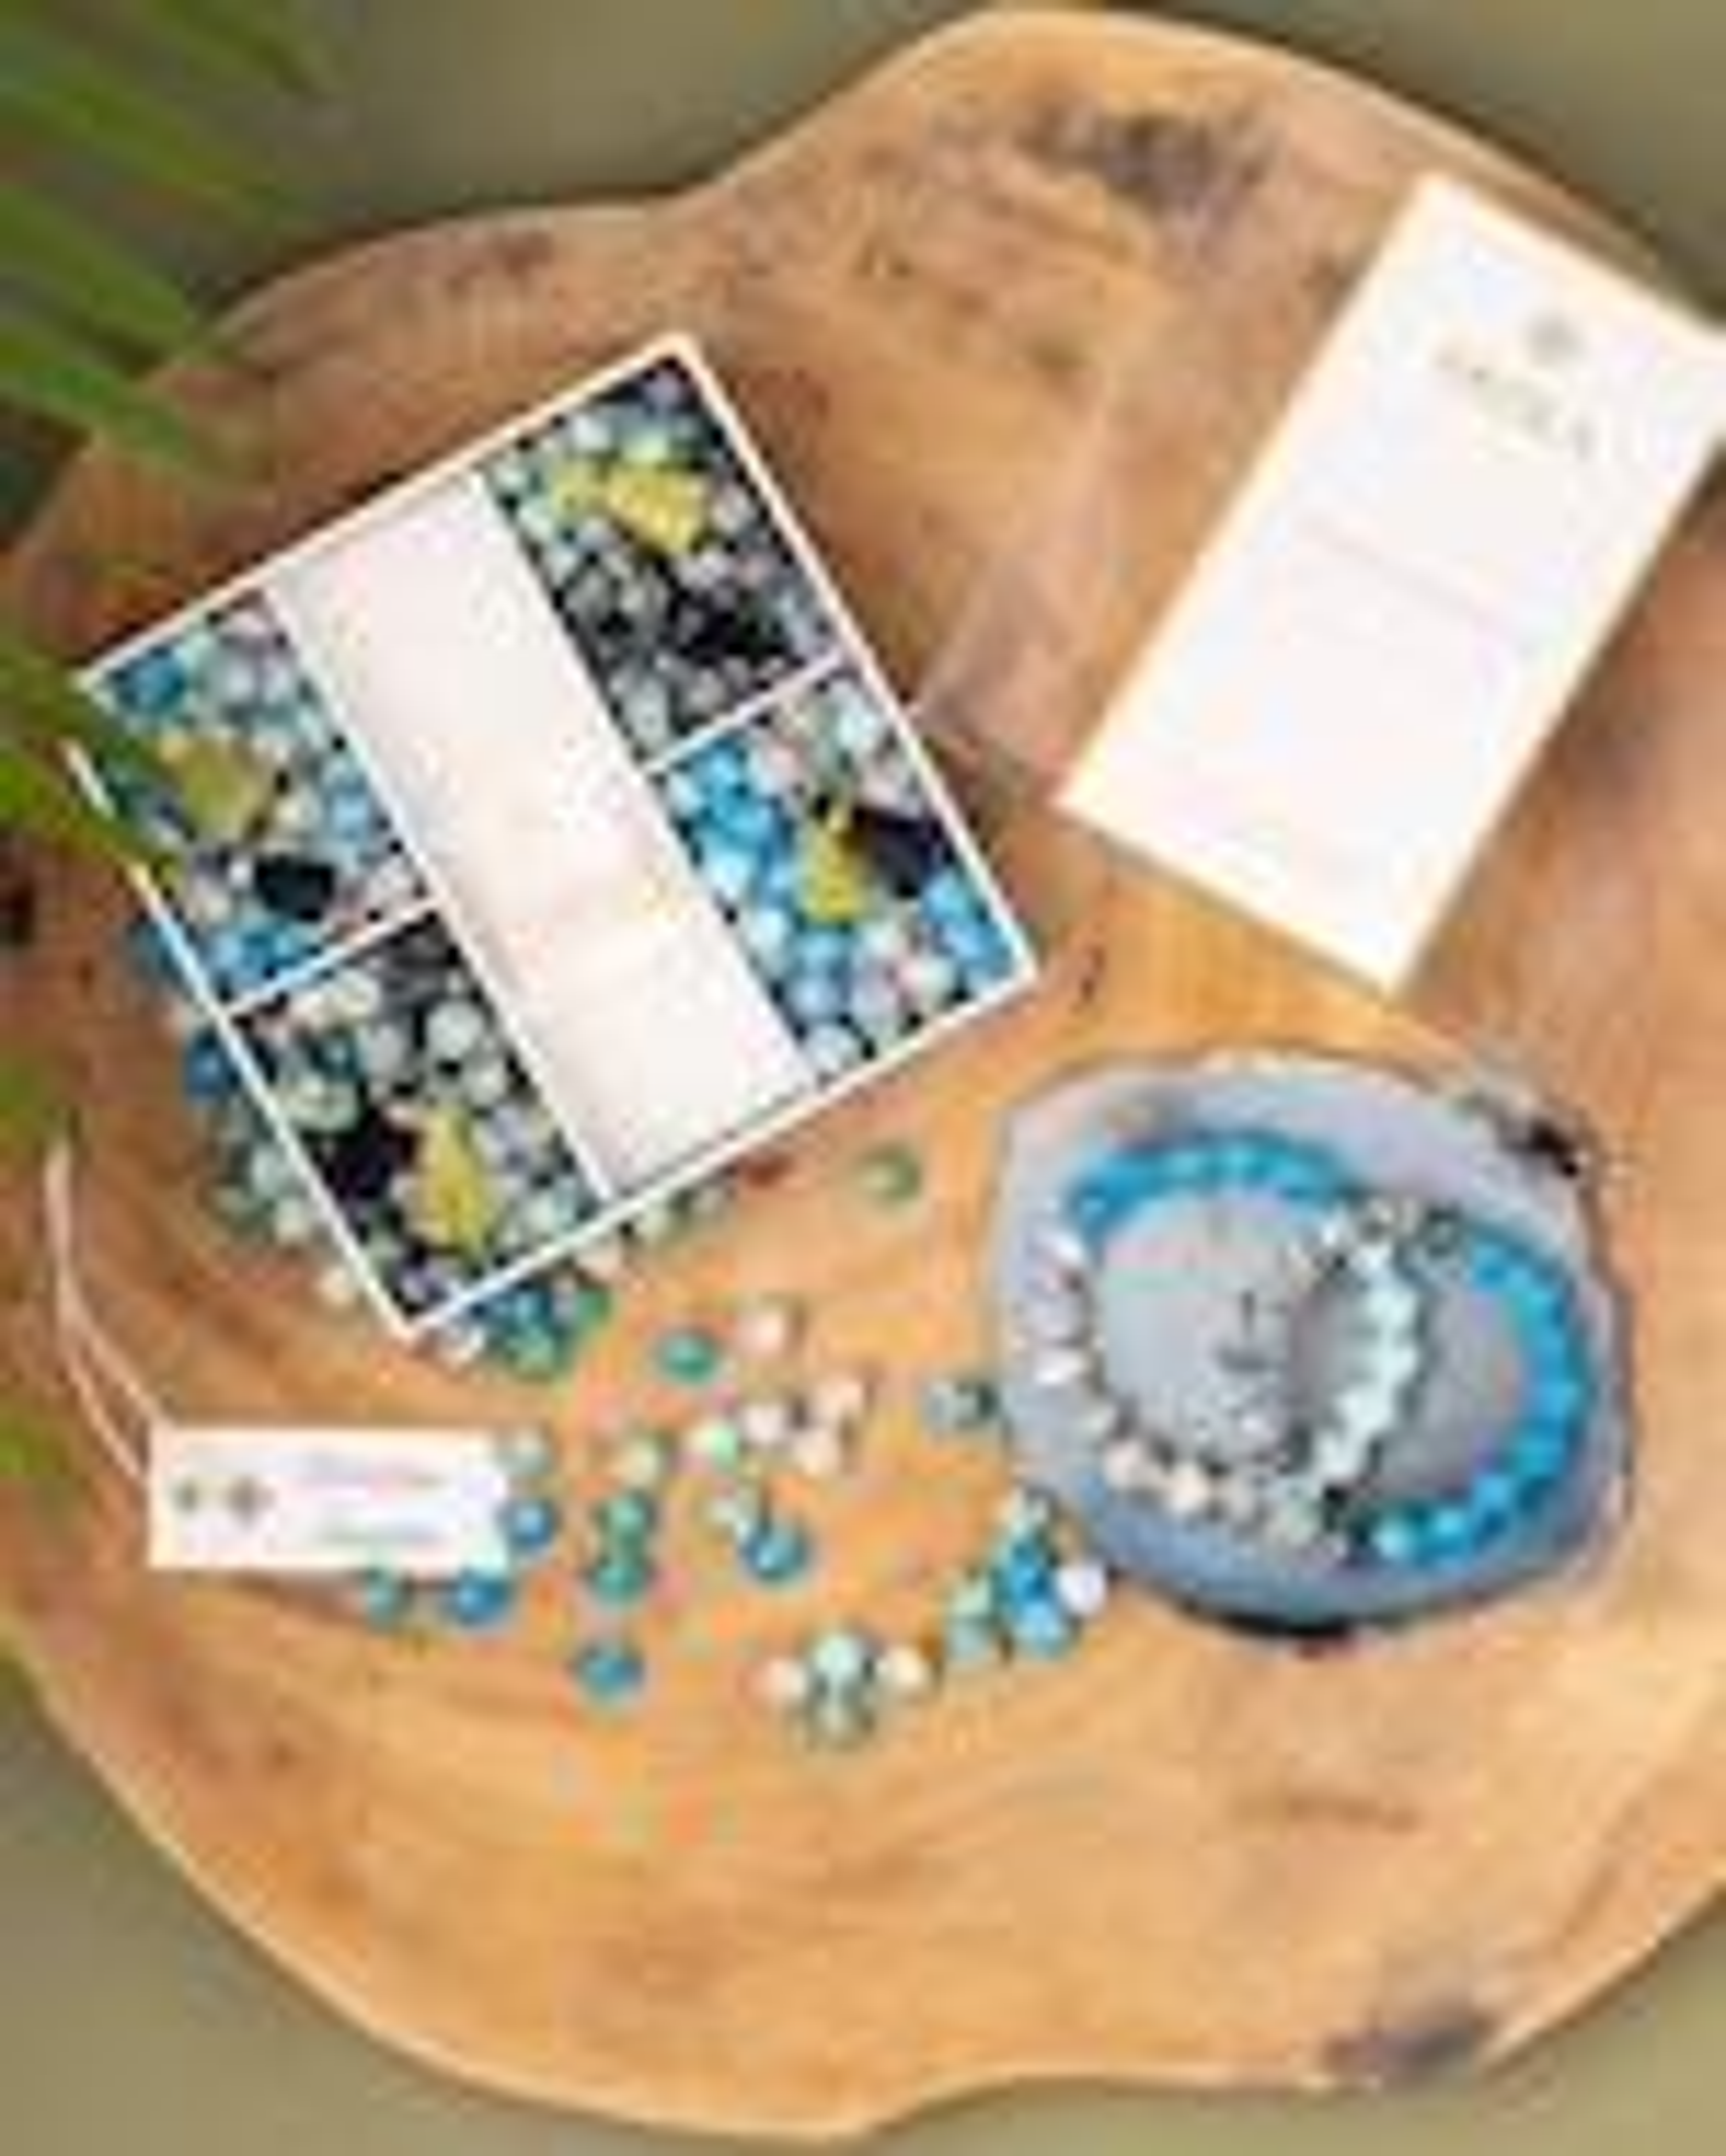 Akola Karatasi DIY Bracelet Kit 2